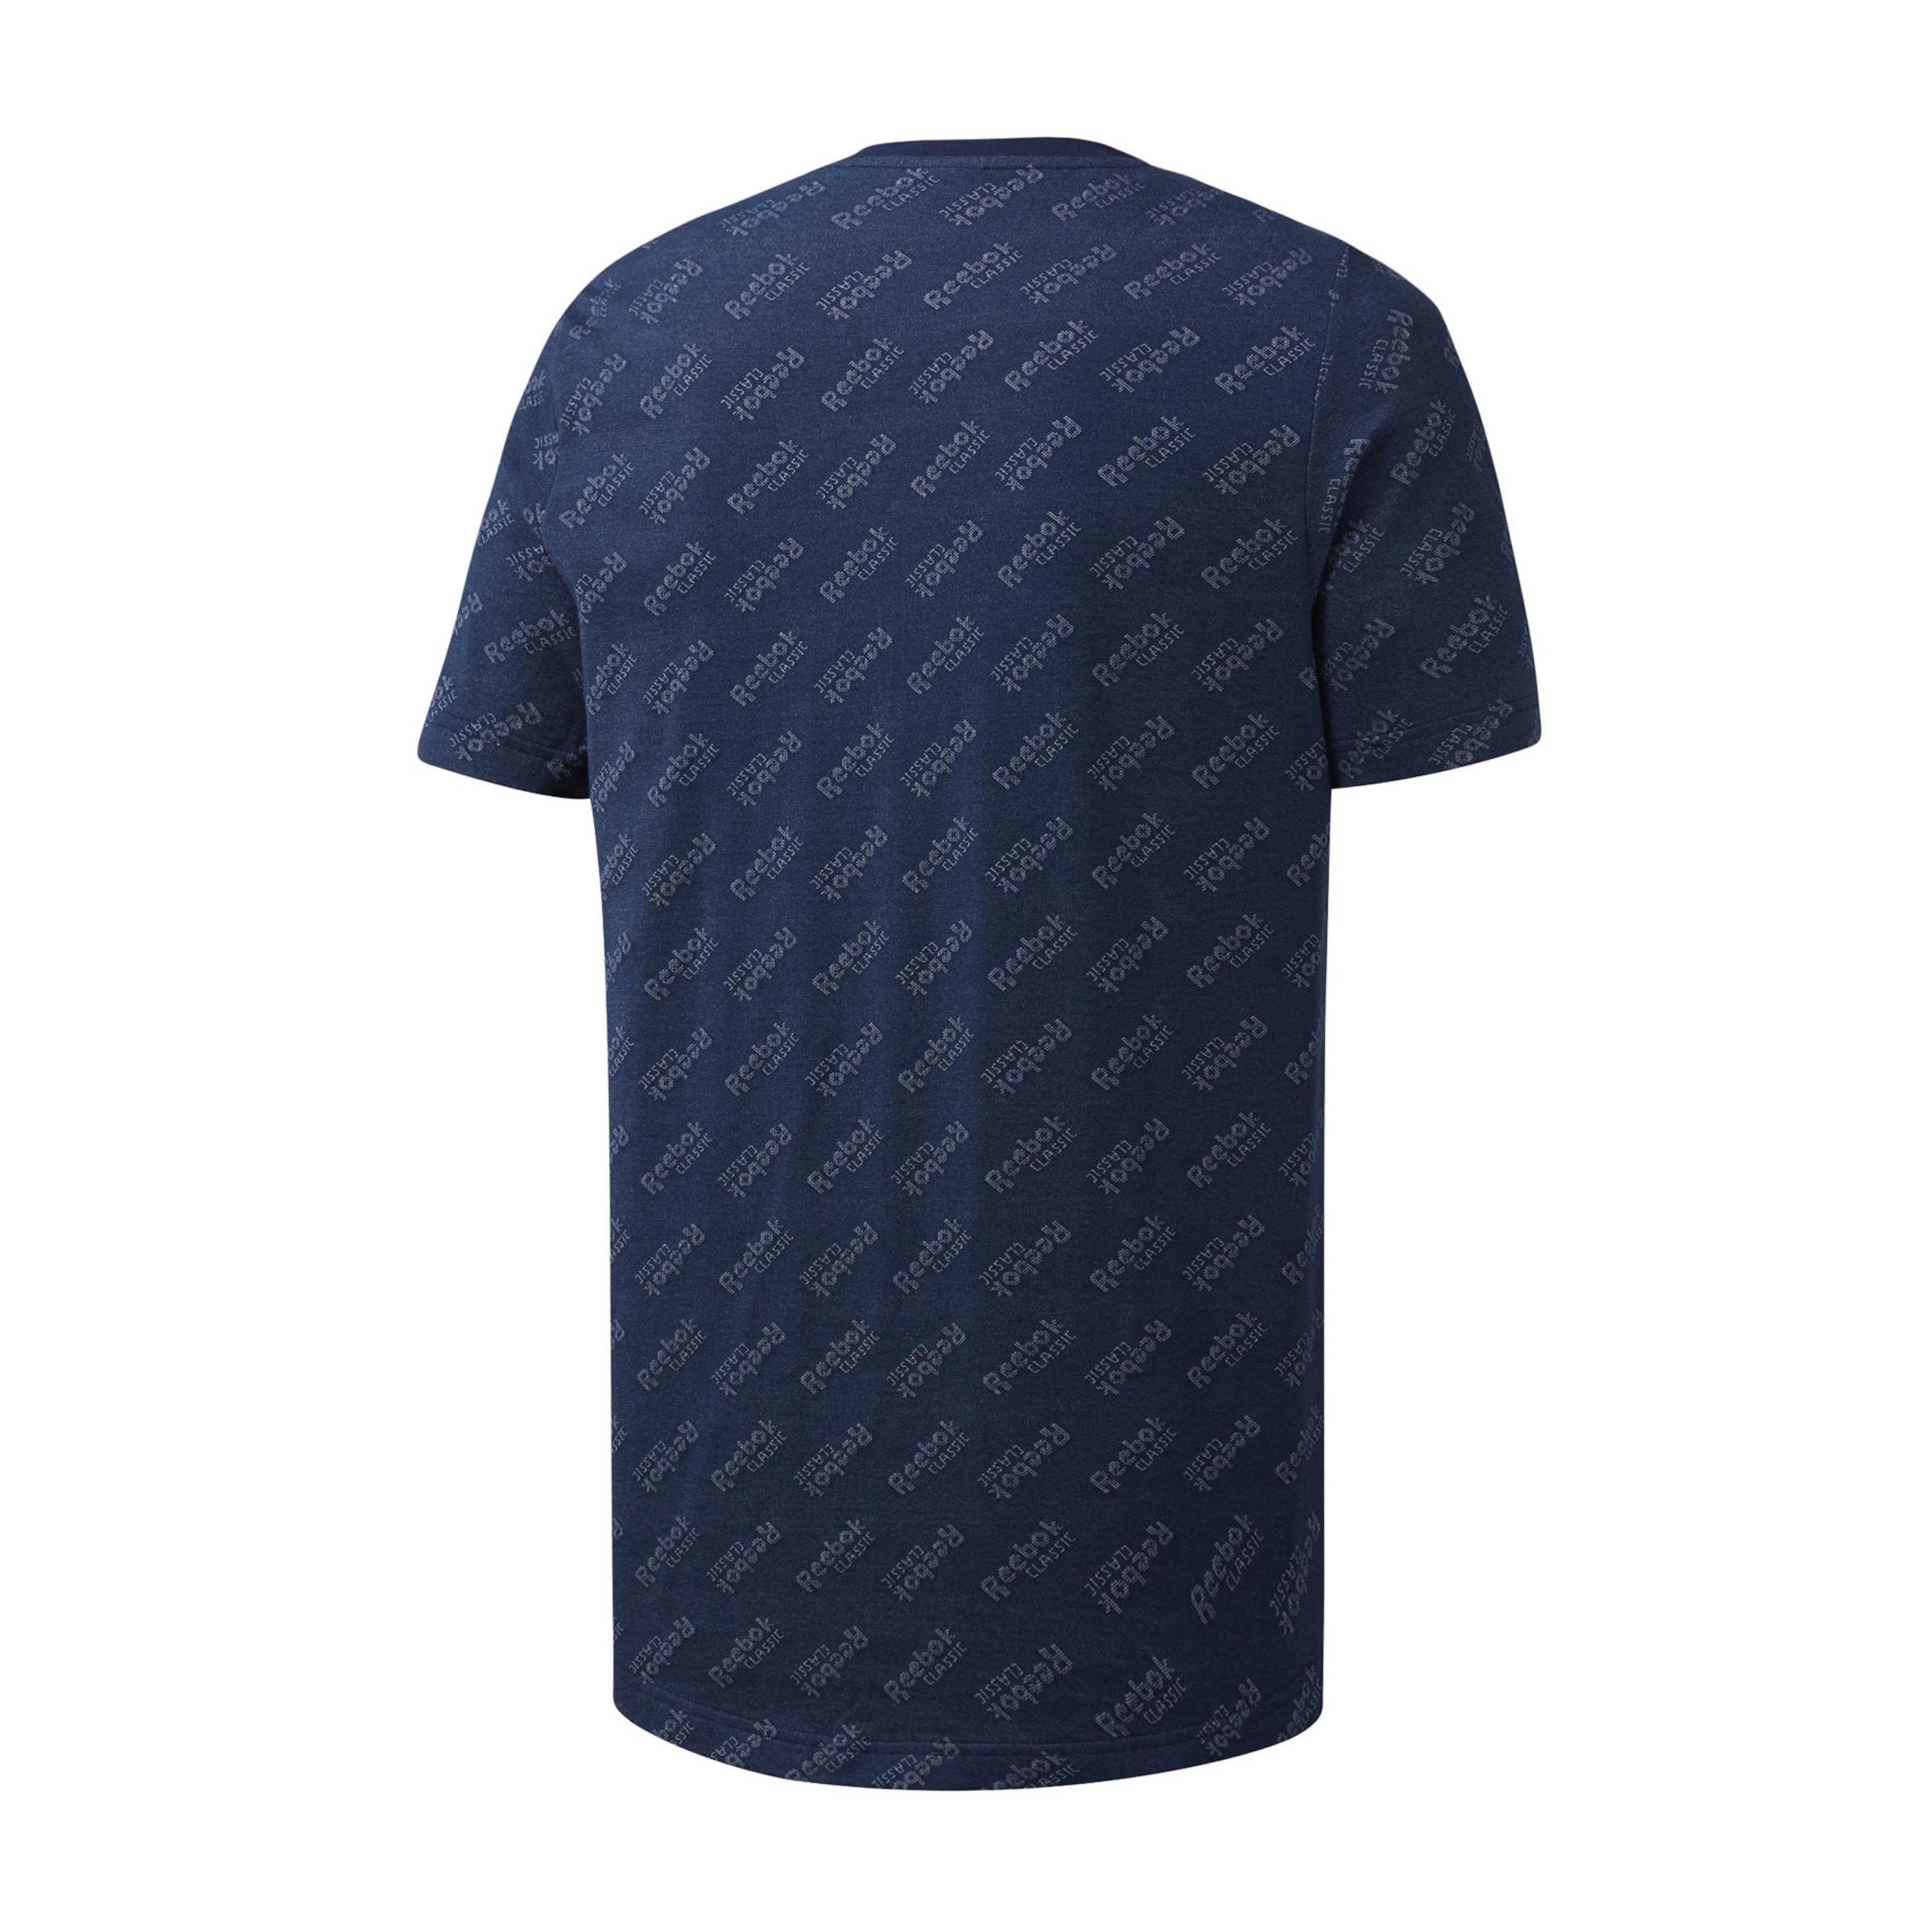 'classics' shirt Reebok T In Classic Blau QxreCBodW